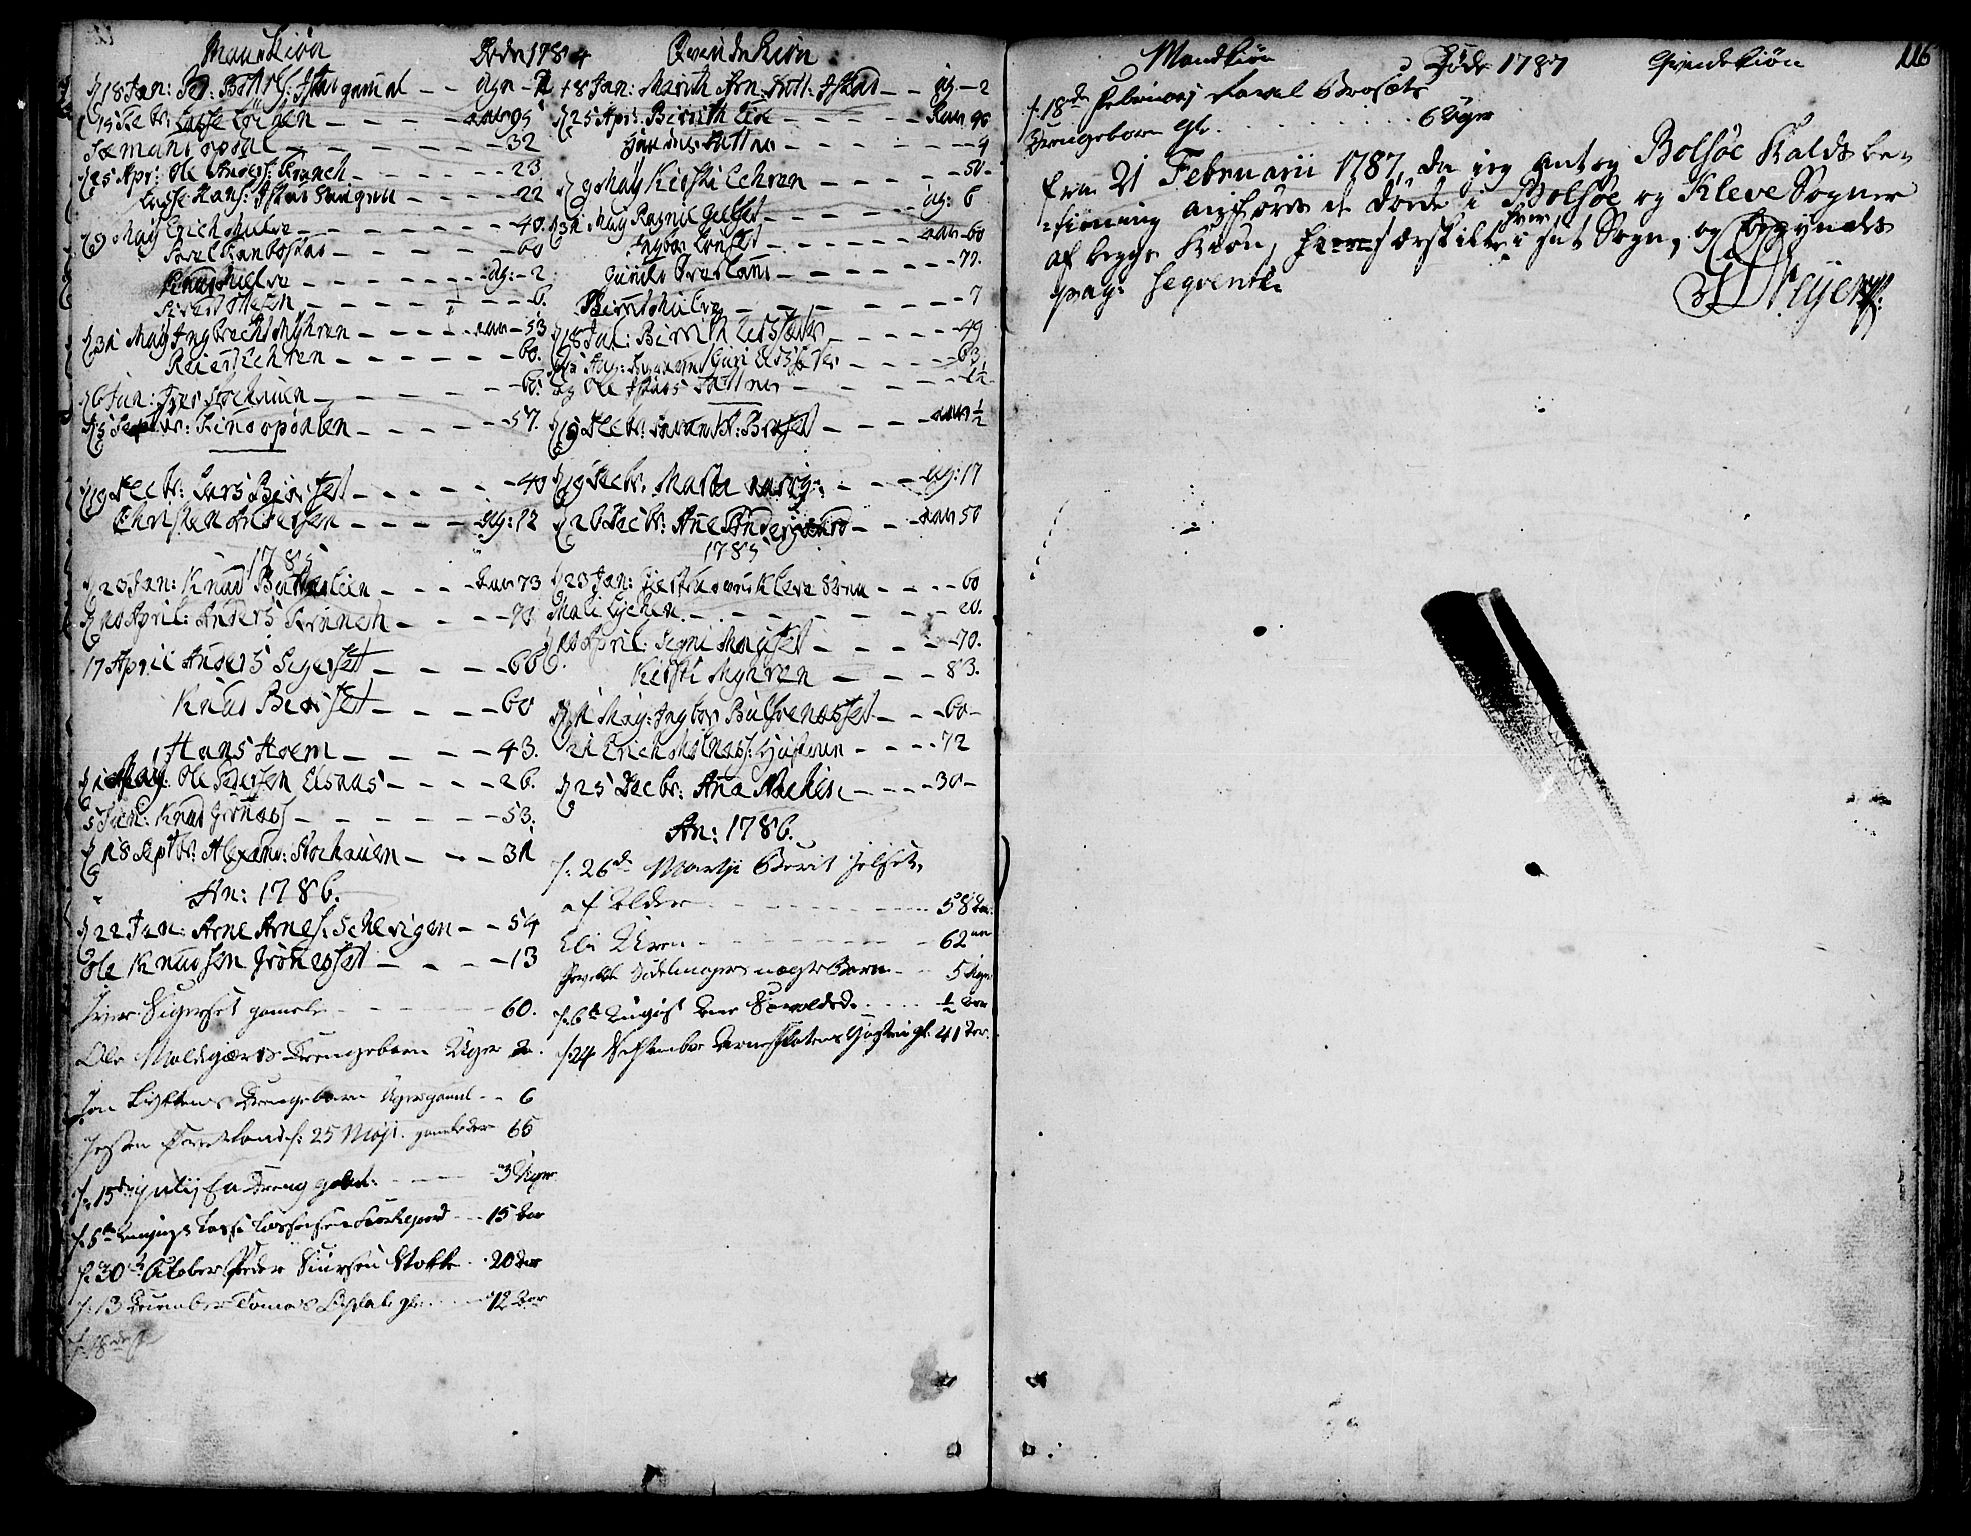 SAT, Ministerialprotokoller, klokkerbøker og fødselsregistre - Møre og Romsdal, 555/L0648: Ministerialbok nr. 555A01, 1759-1793, s. 116